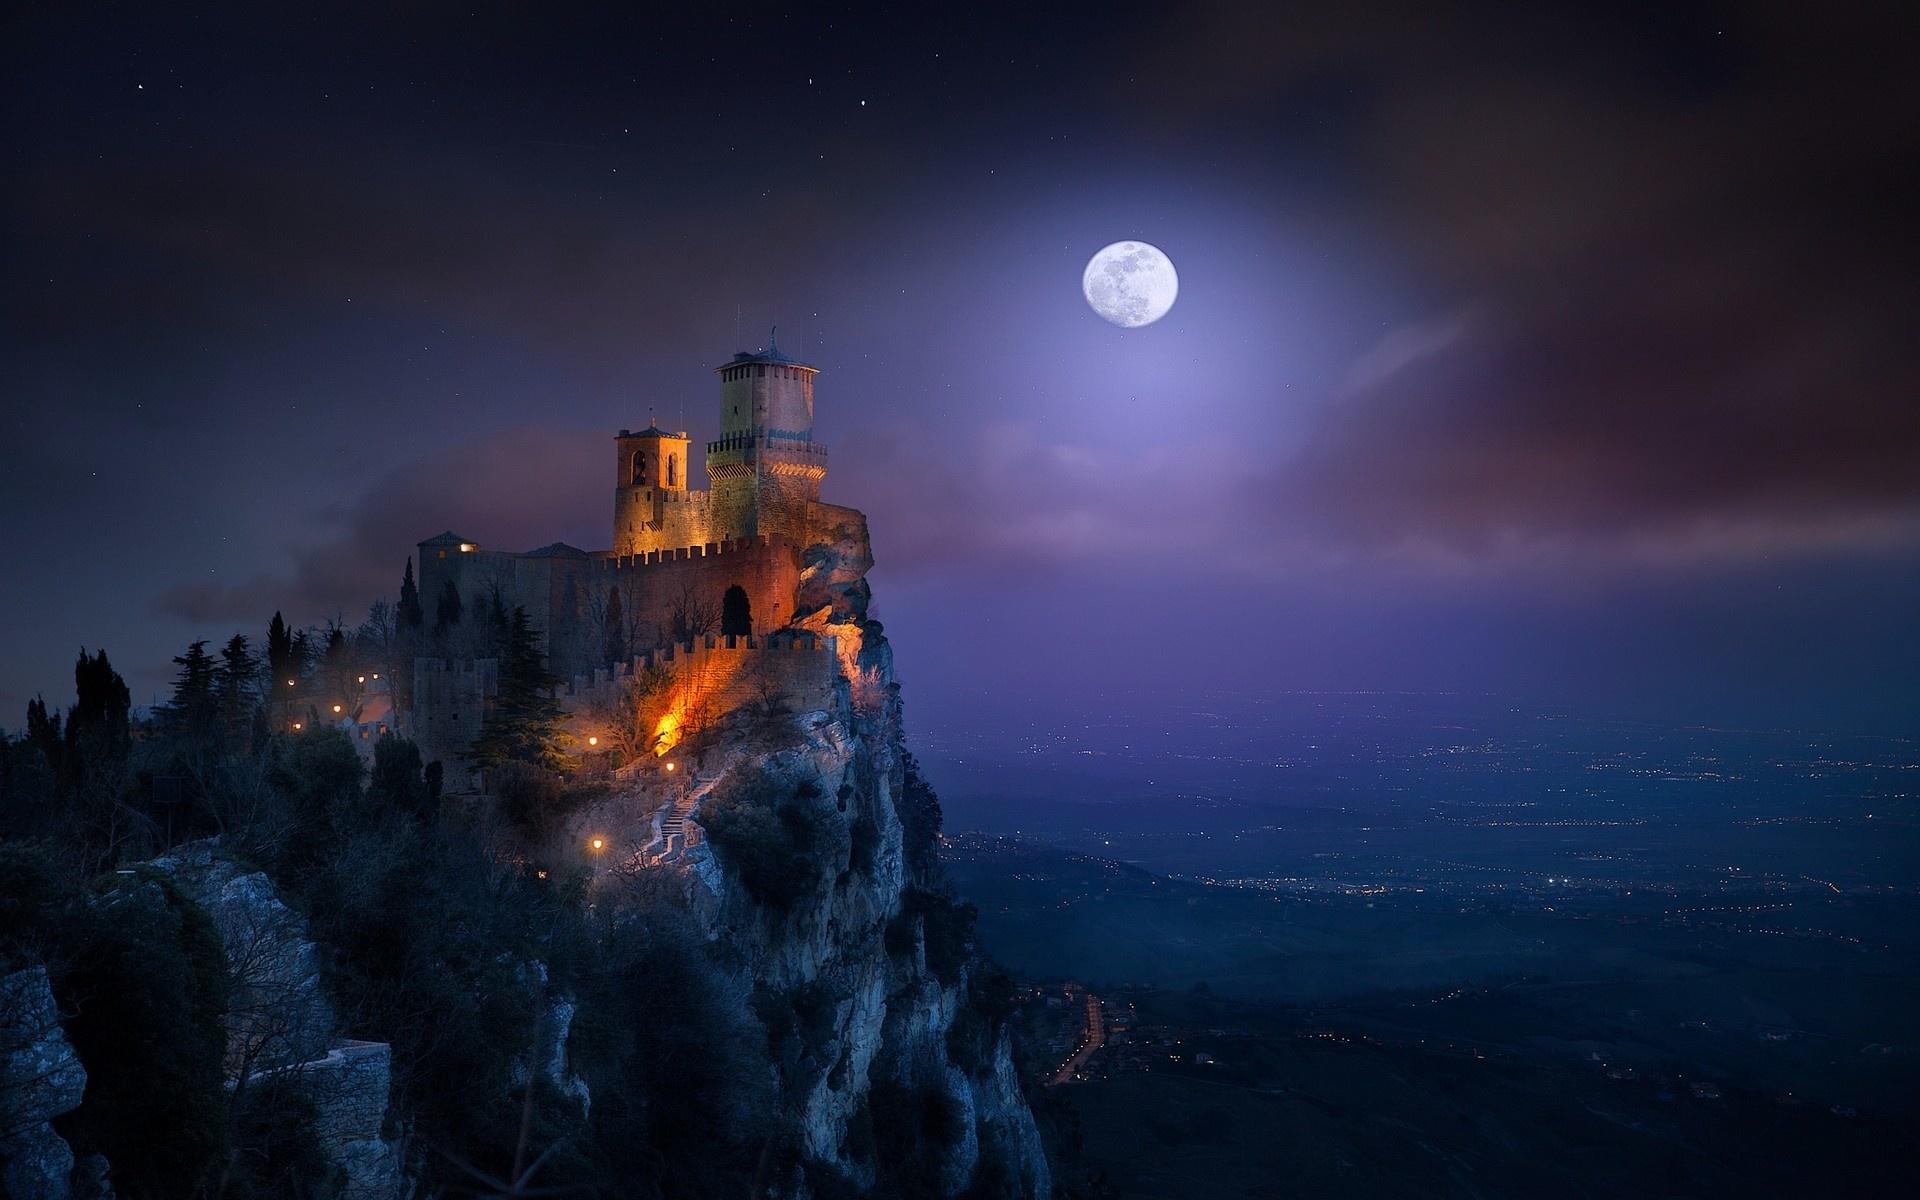 картинки фэнтези ночь луна замок что имеем